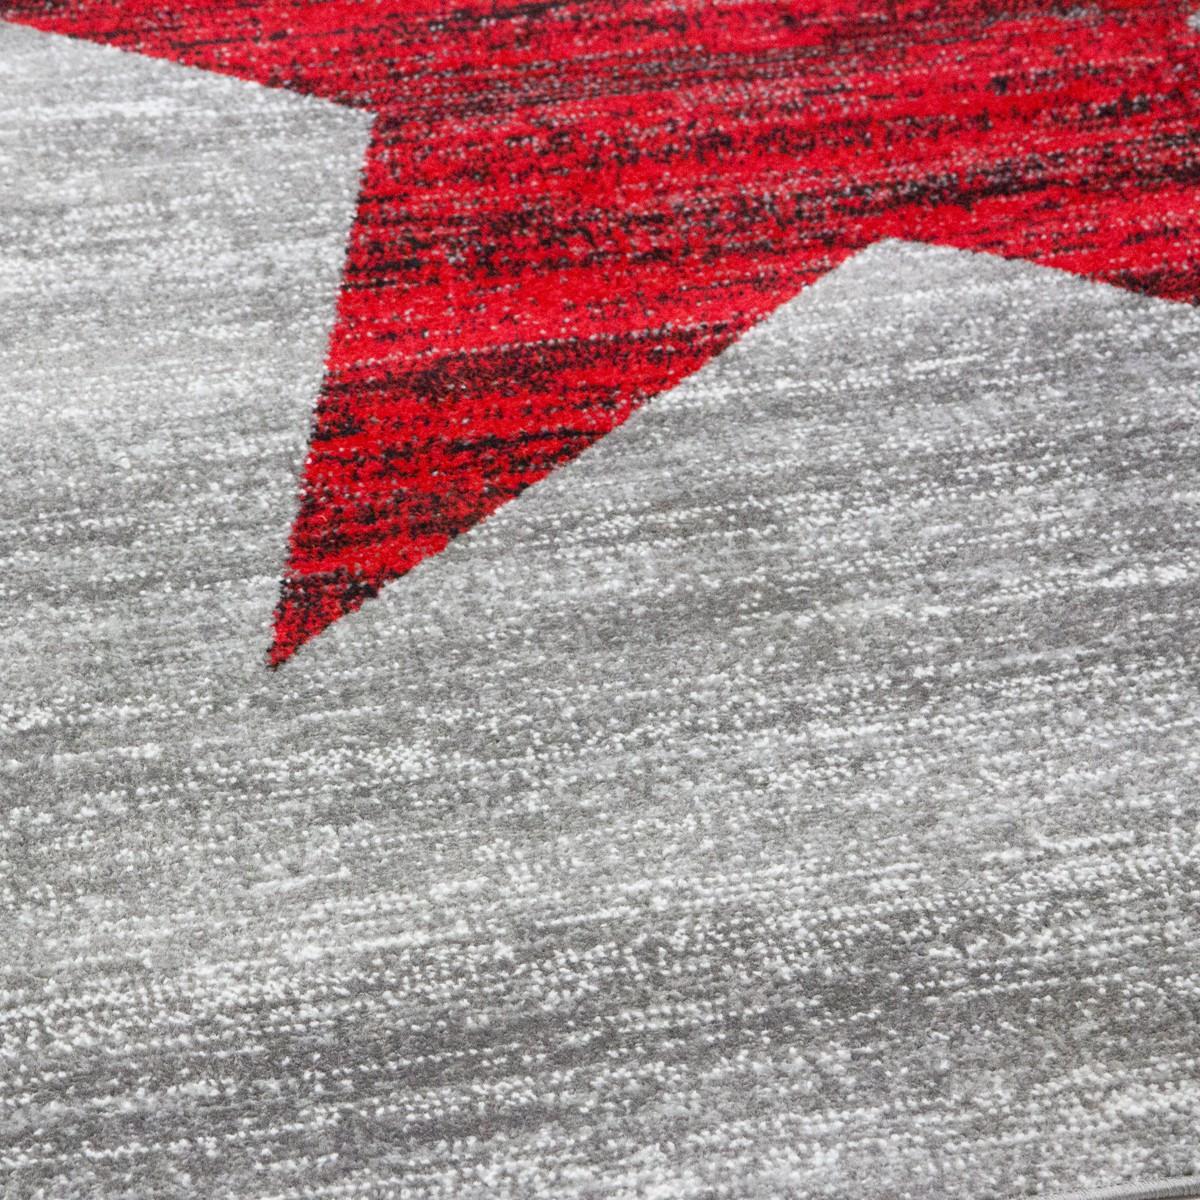 Jugendzimmer Teppich, Sternmuster in Rot, Grau Heatset - R9121